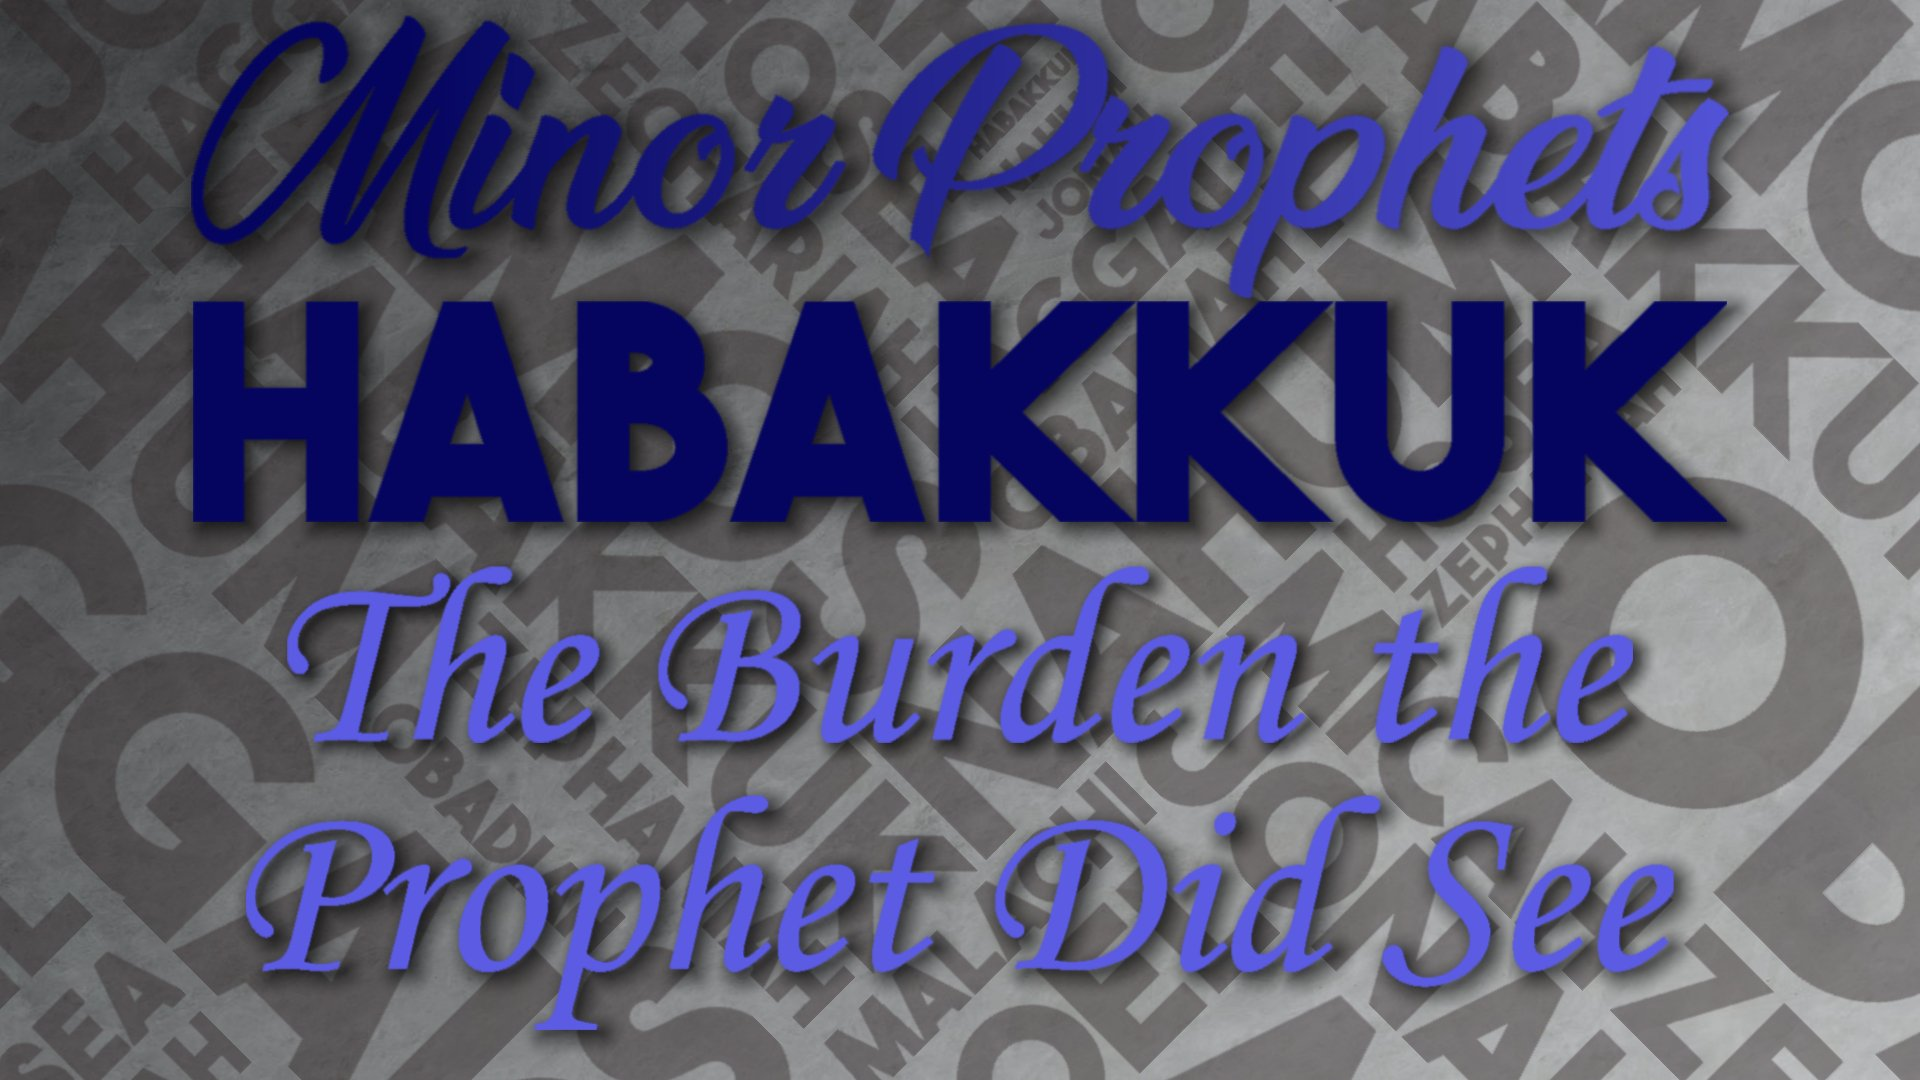 22 The Burden the Prophet Did See